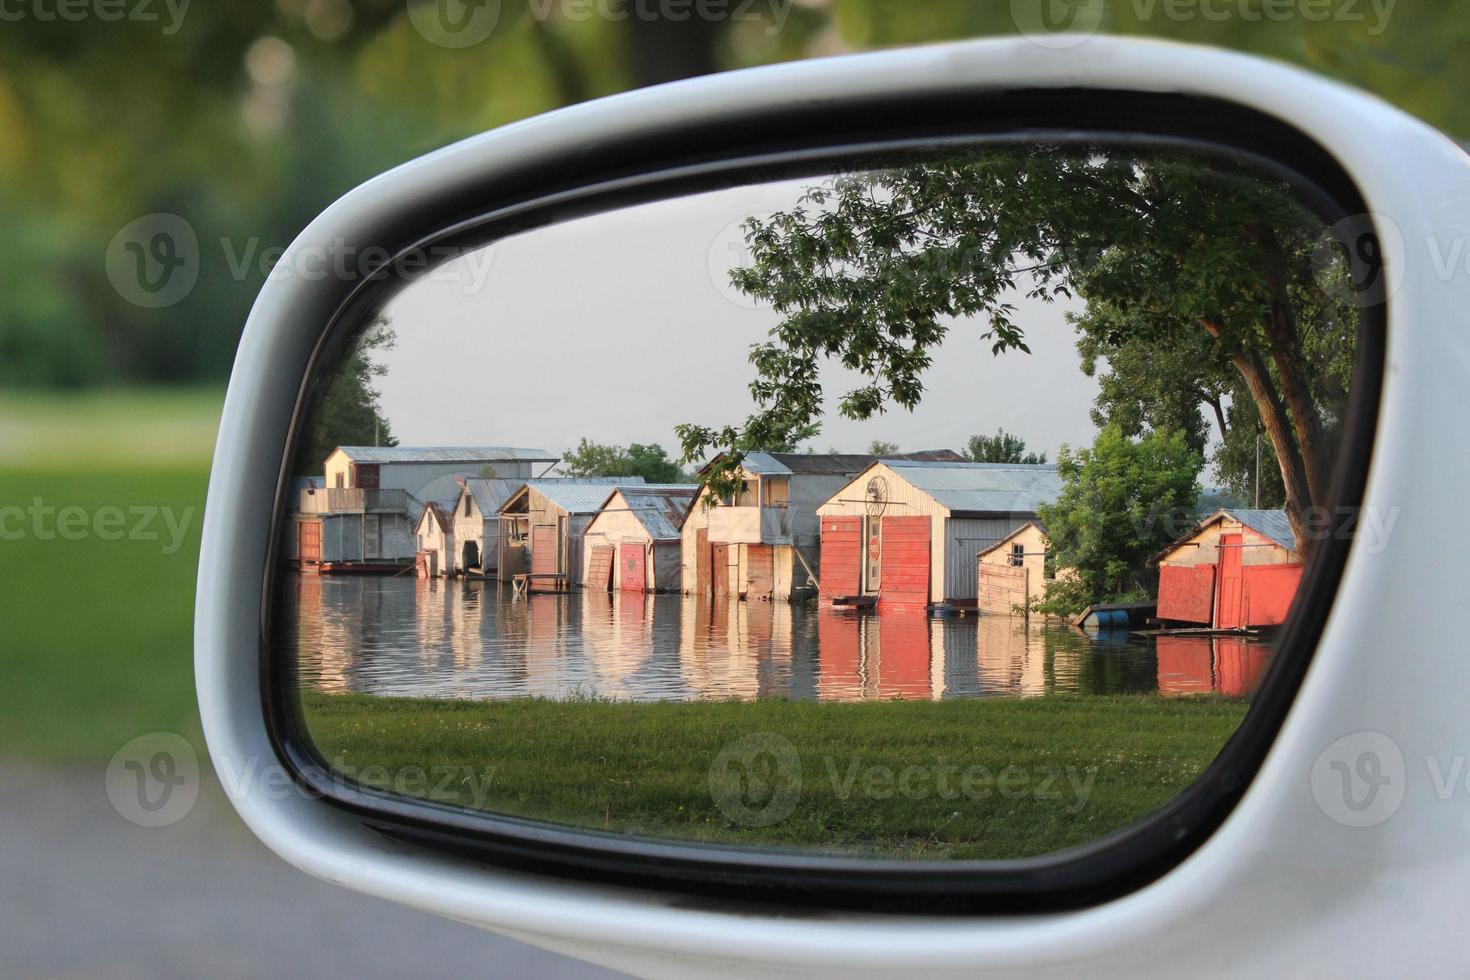 reflexo no espelho lateral do carro, das casas de barco refletidas na água foto